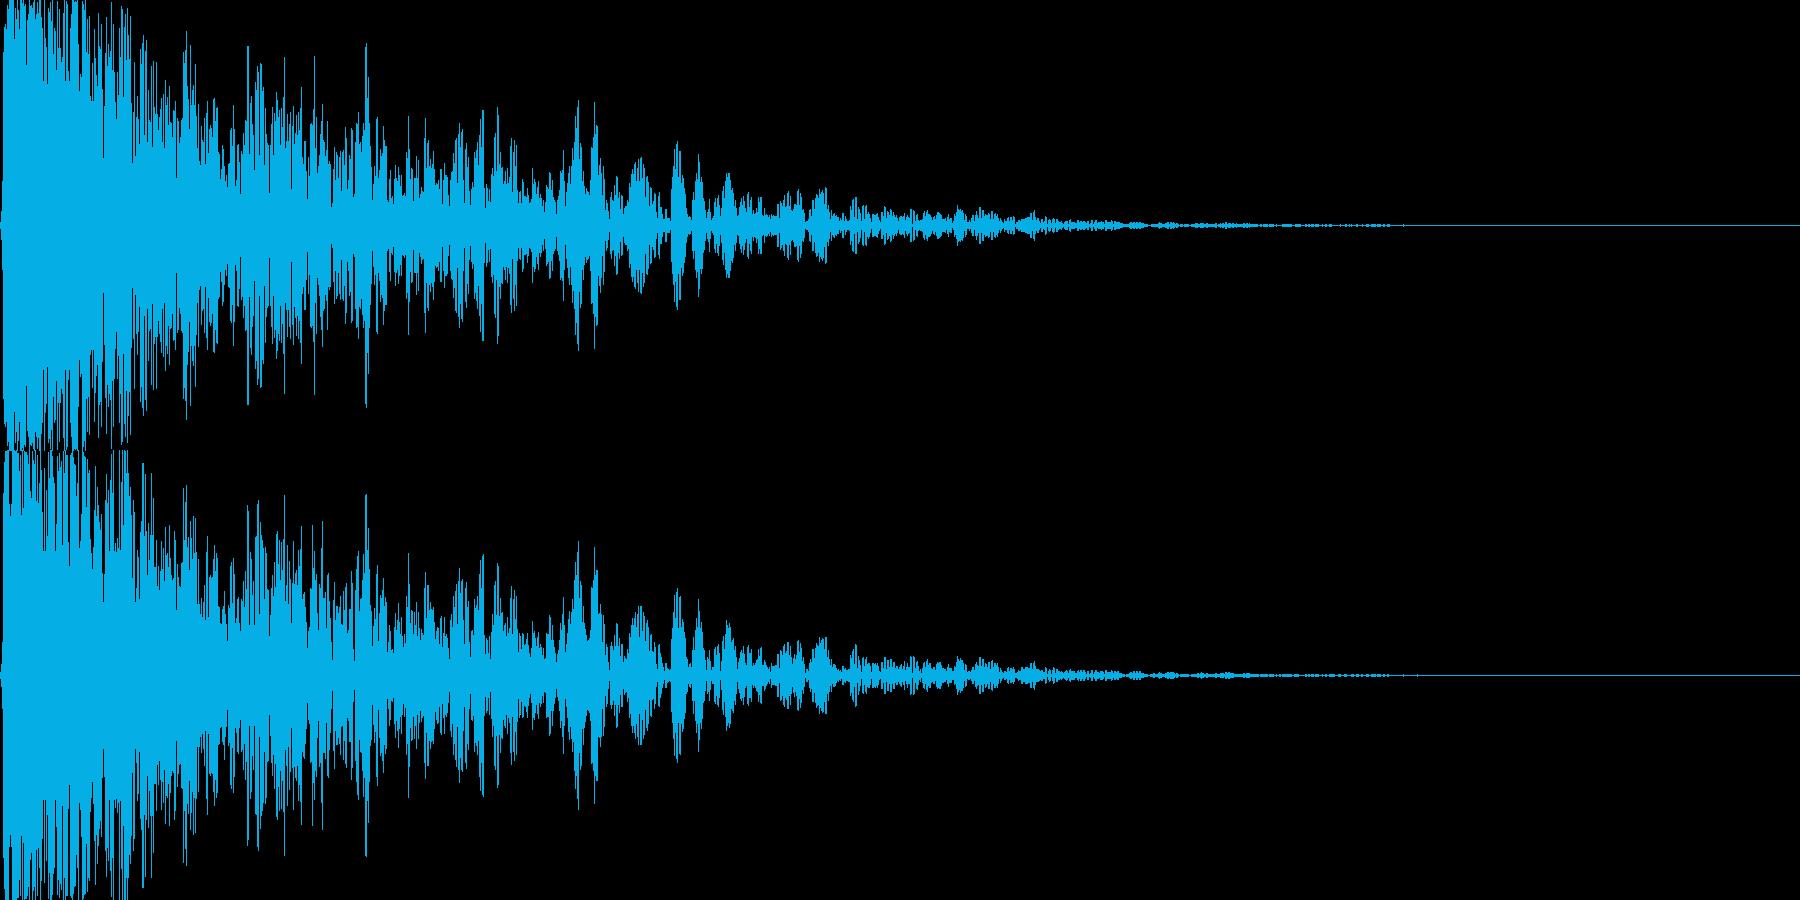 フィルターが掛かったような爆破音の再生済みの波形